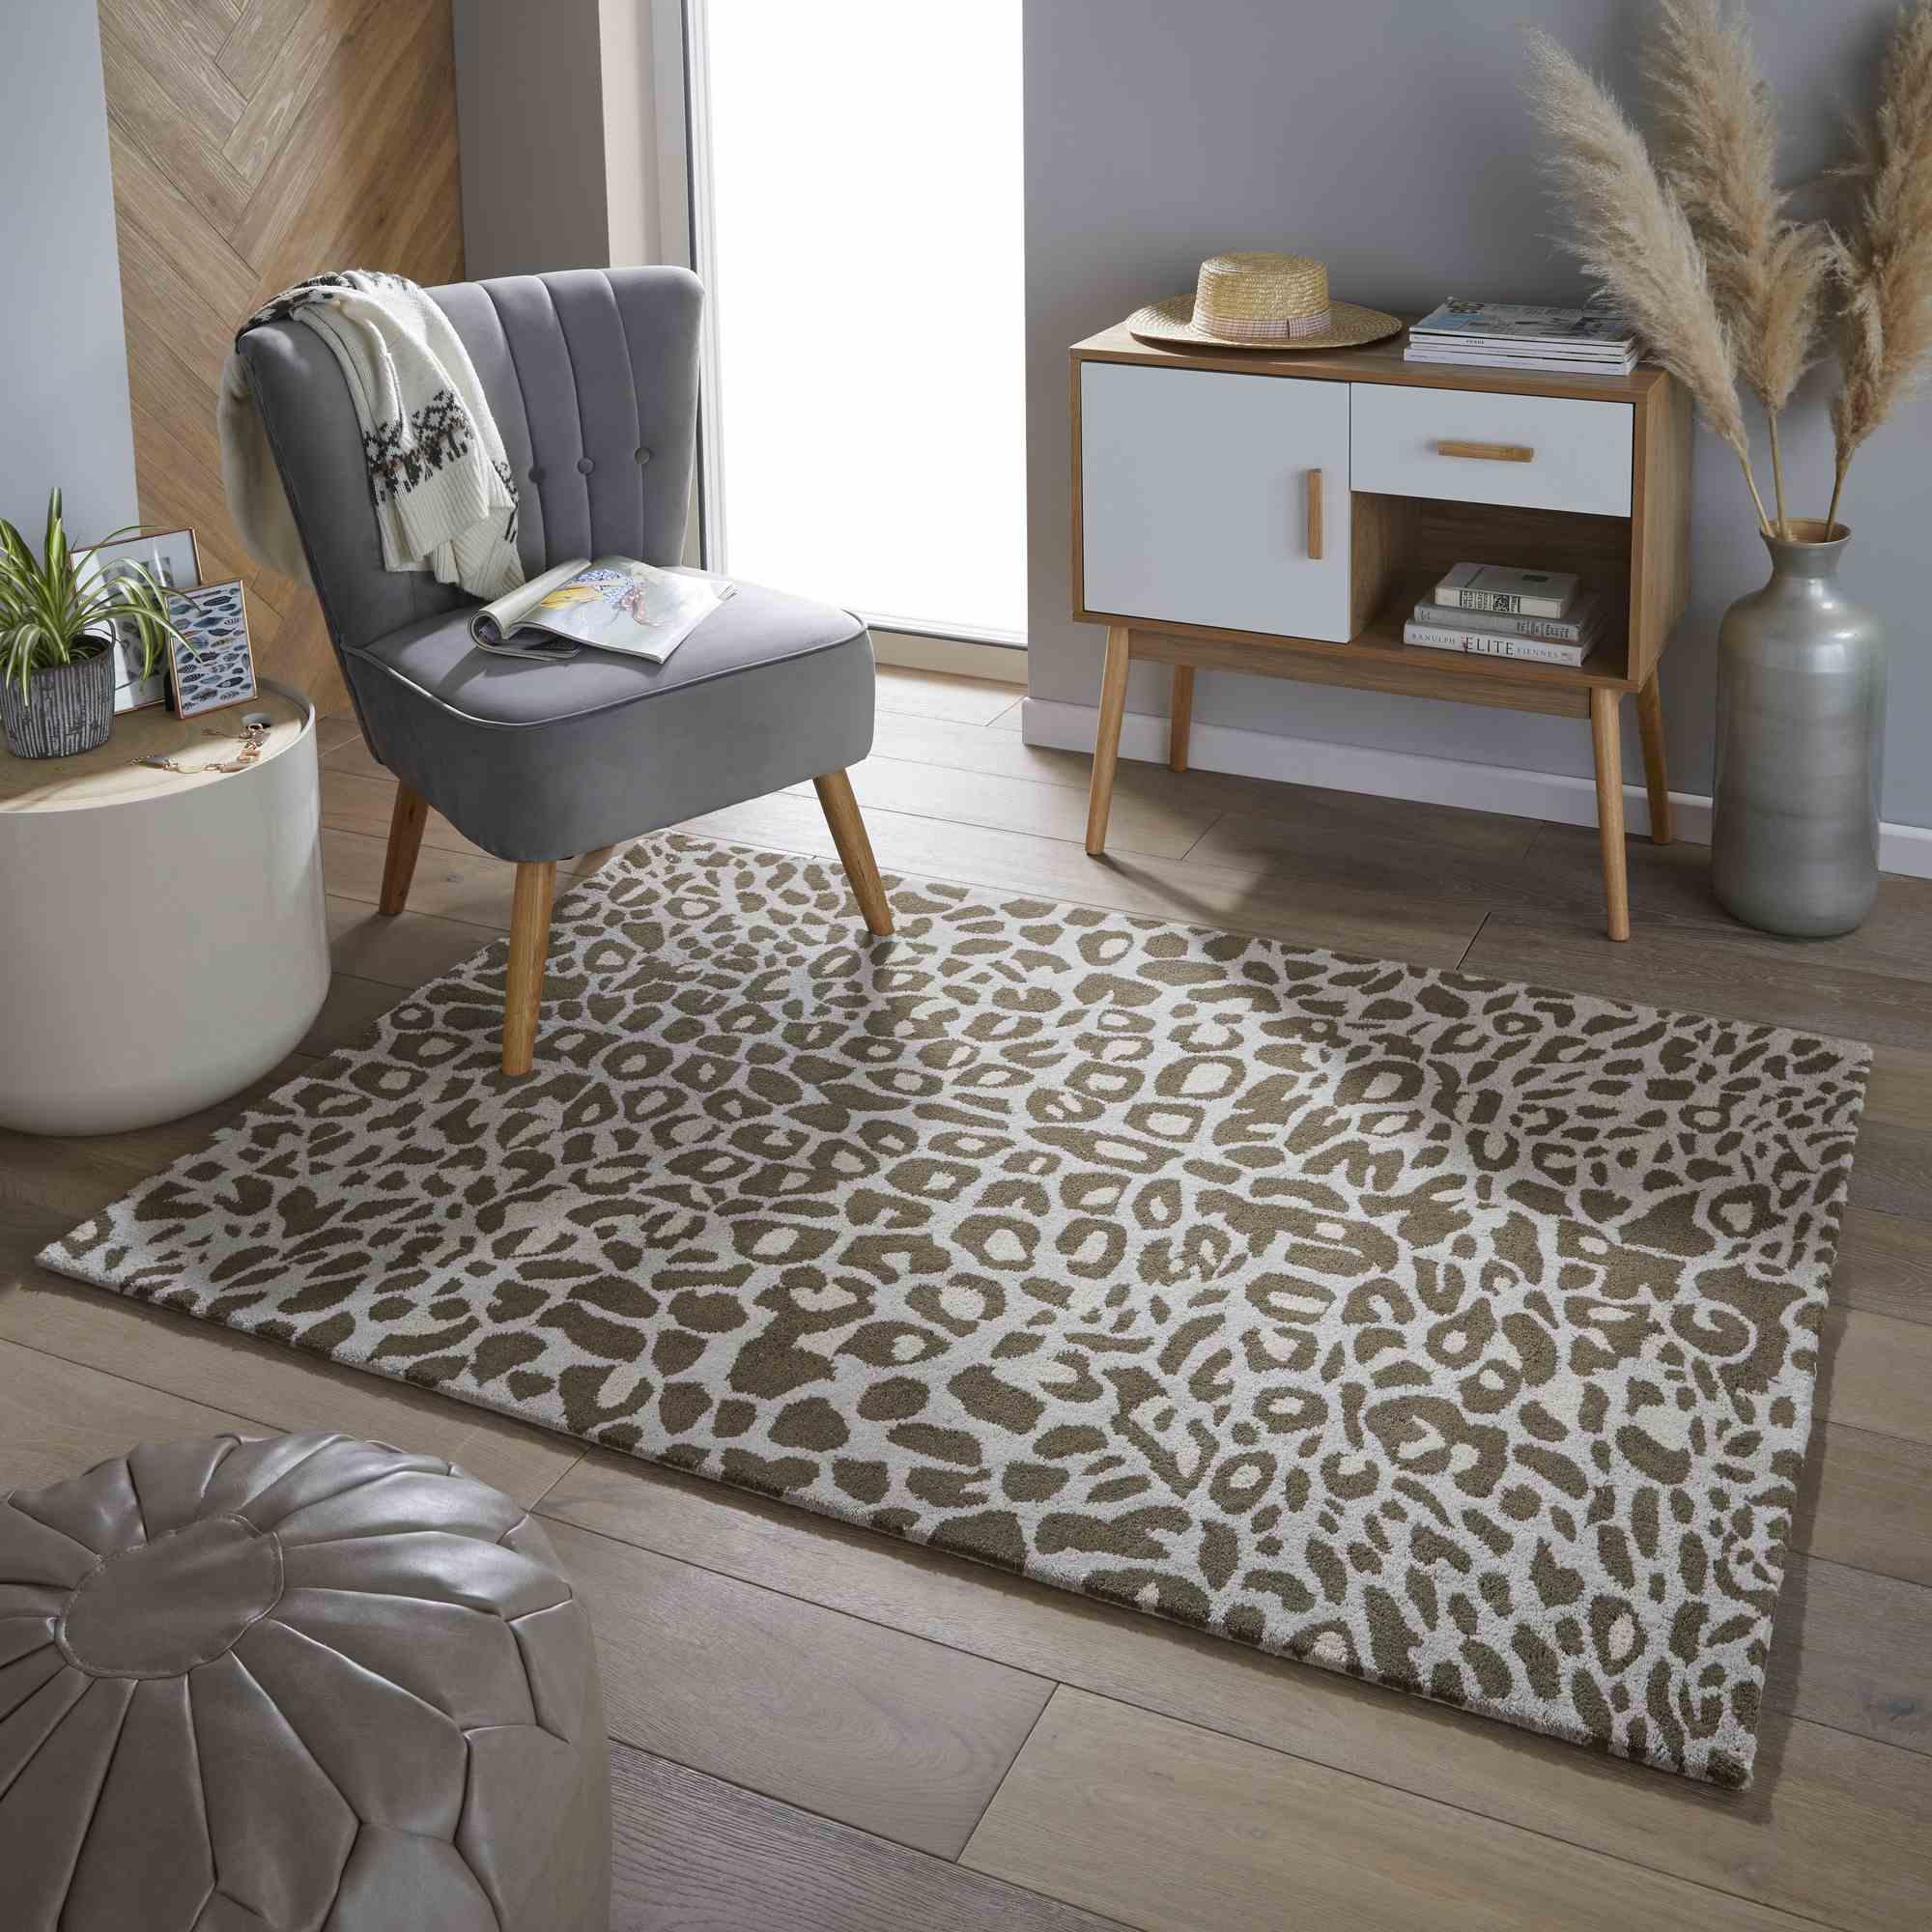 Stark Leopard Print Rug: Masai Leopard Print Wool Rugs